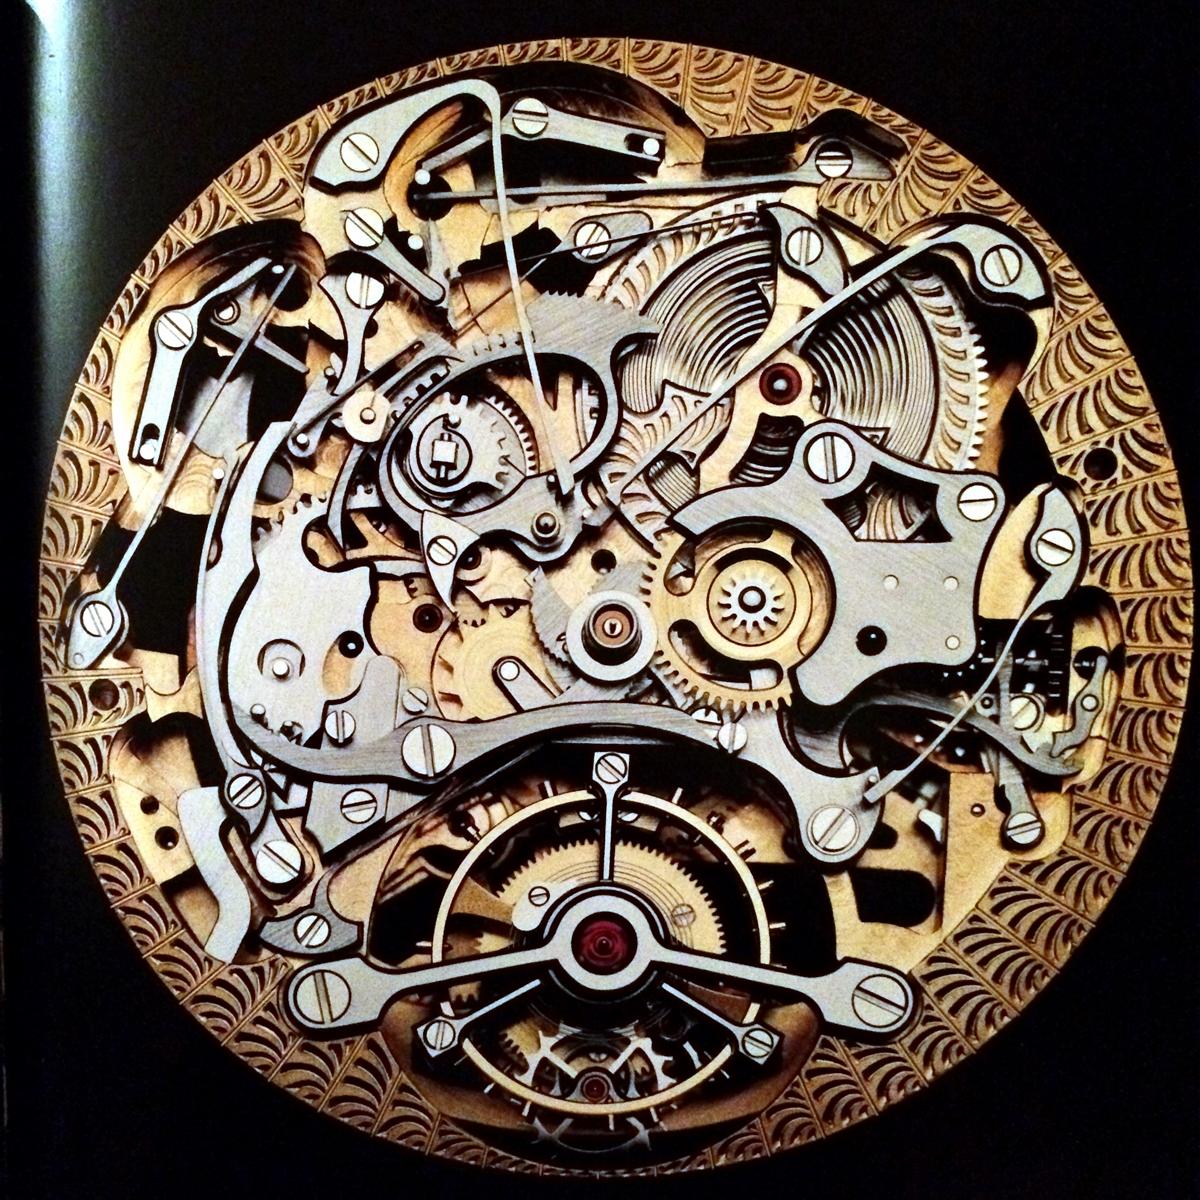 19 luxurious_watch_design_clockworks_construction_luksusowe_zegarki_mechanizm_projektowanie_lifestyle